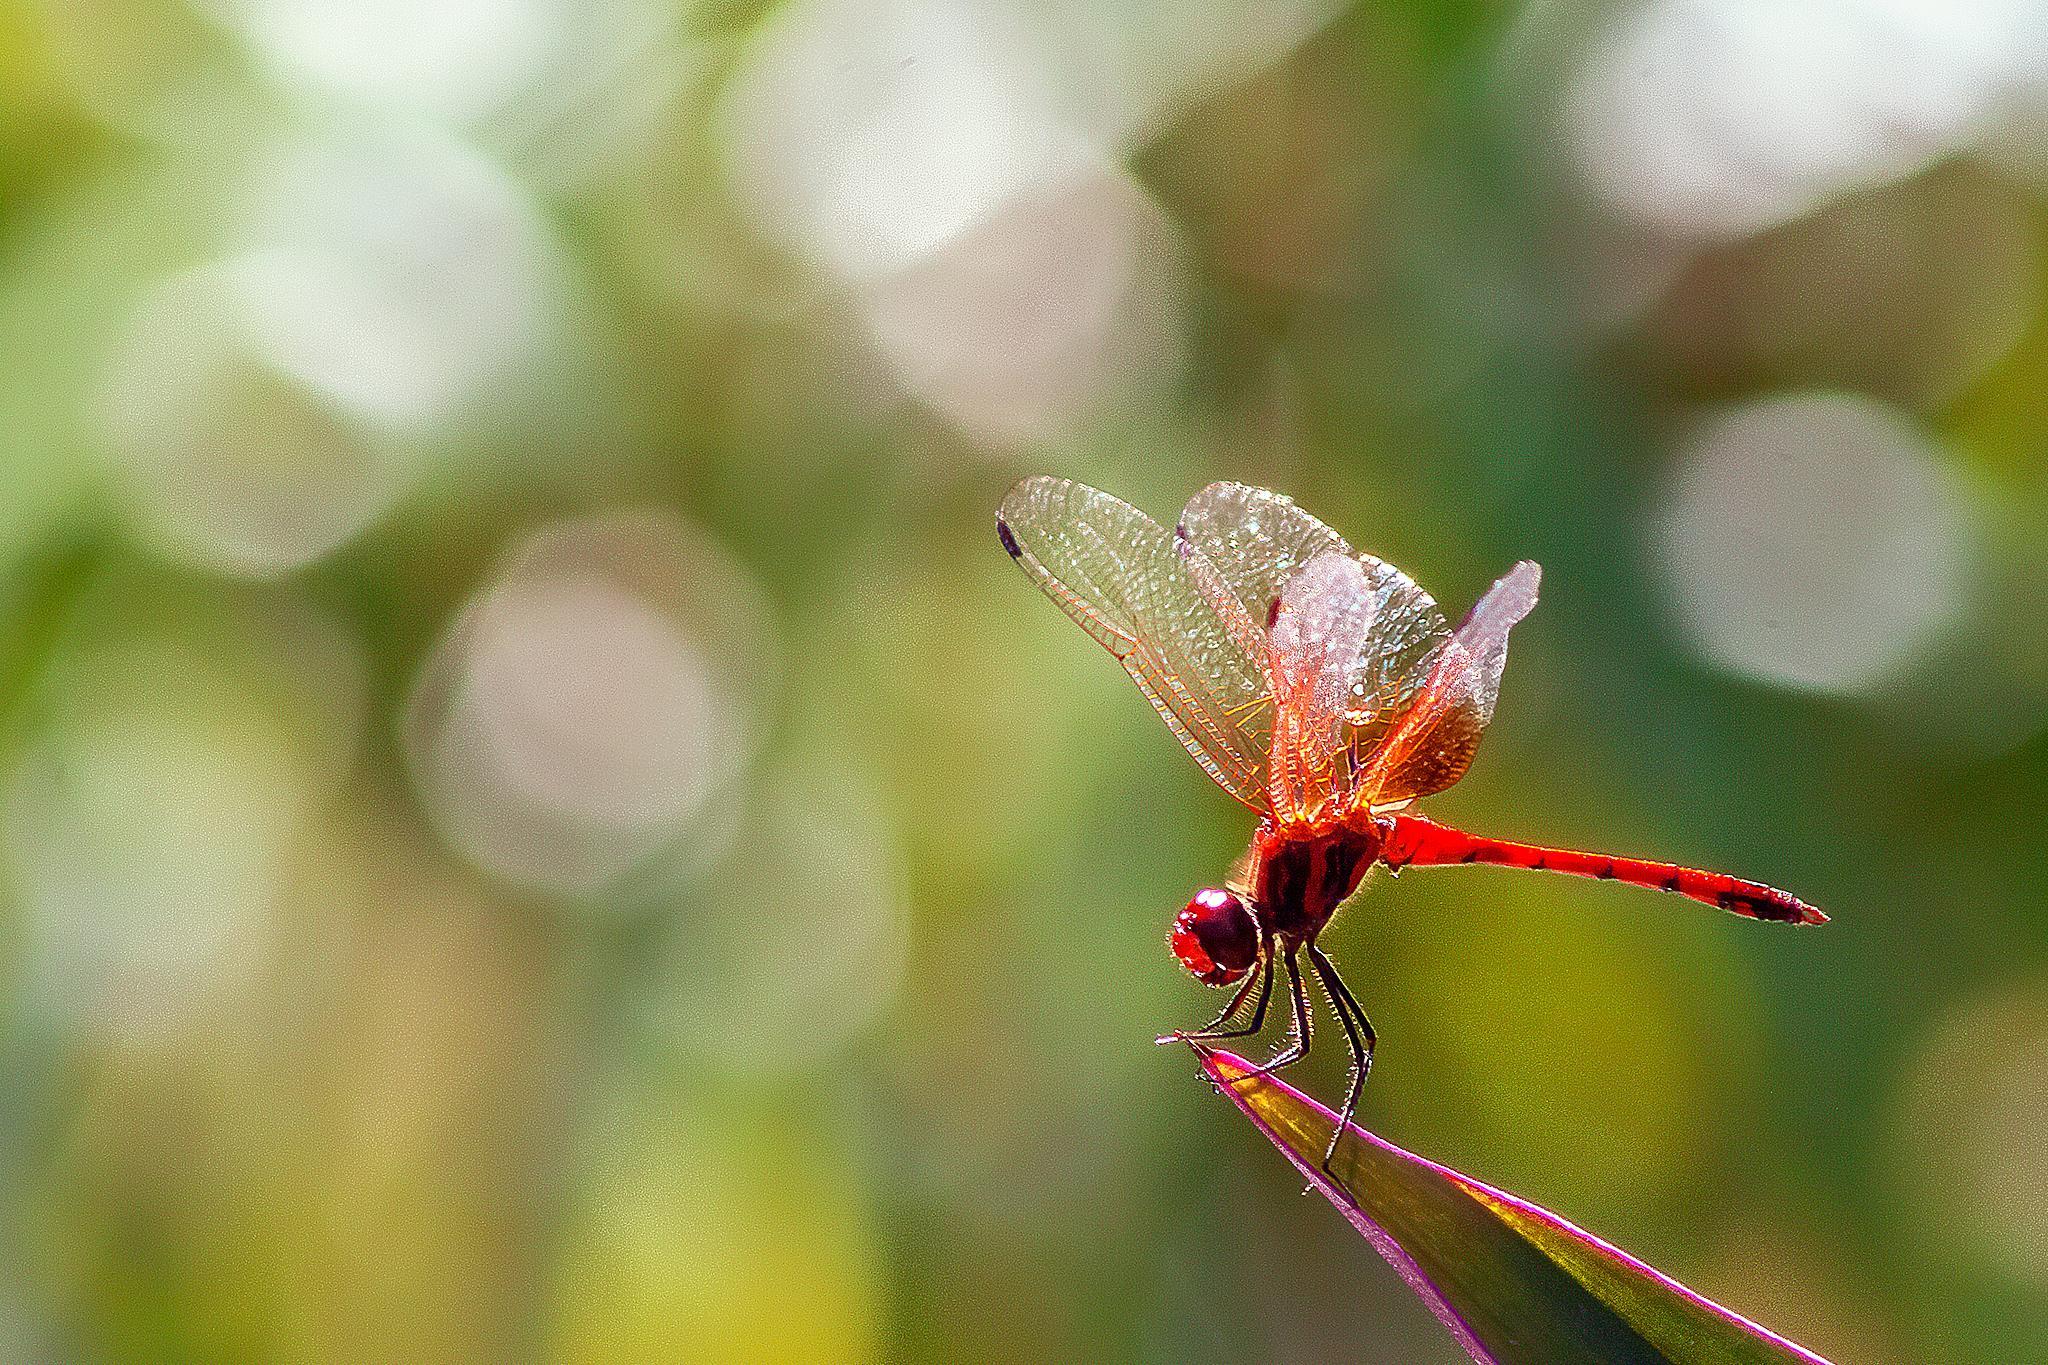 Red dragonfly 14 by Tony Guzman